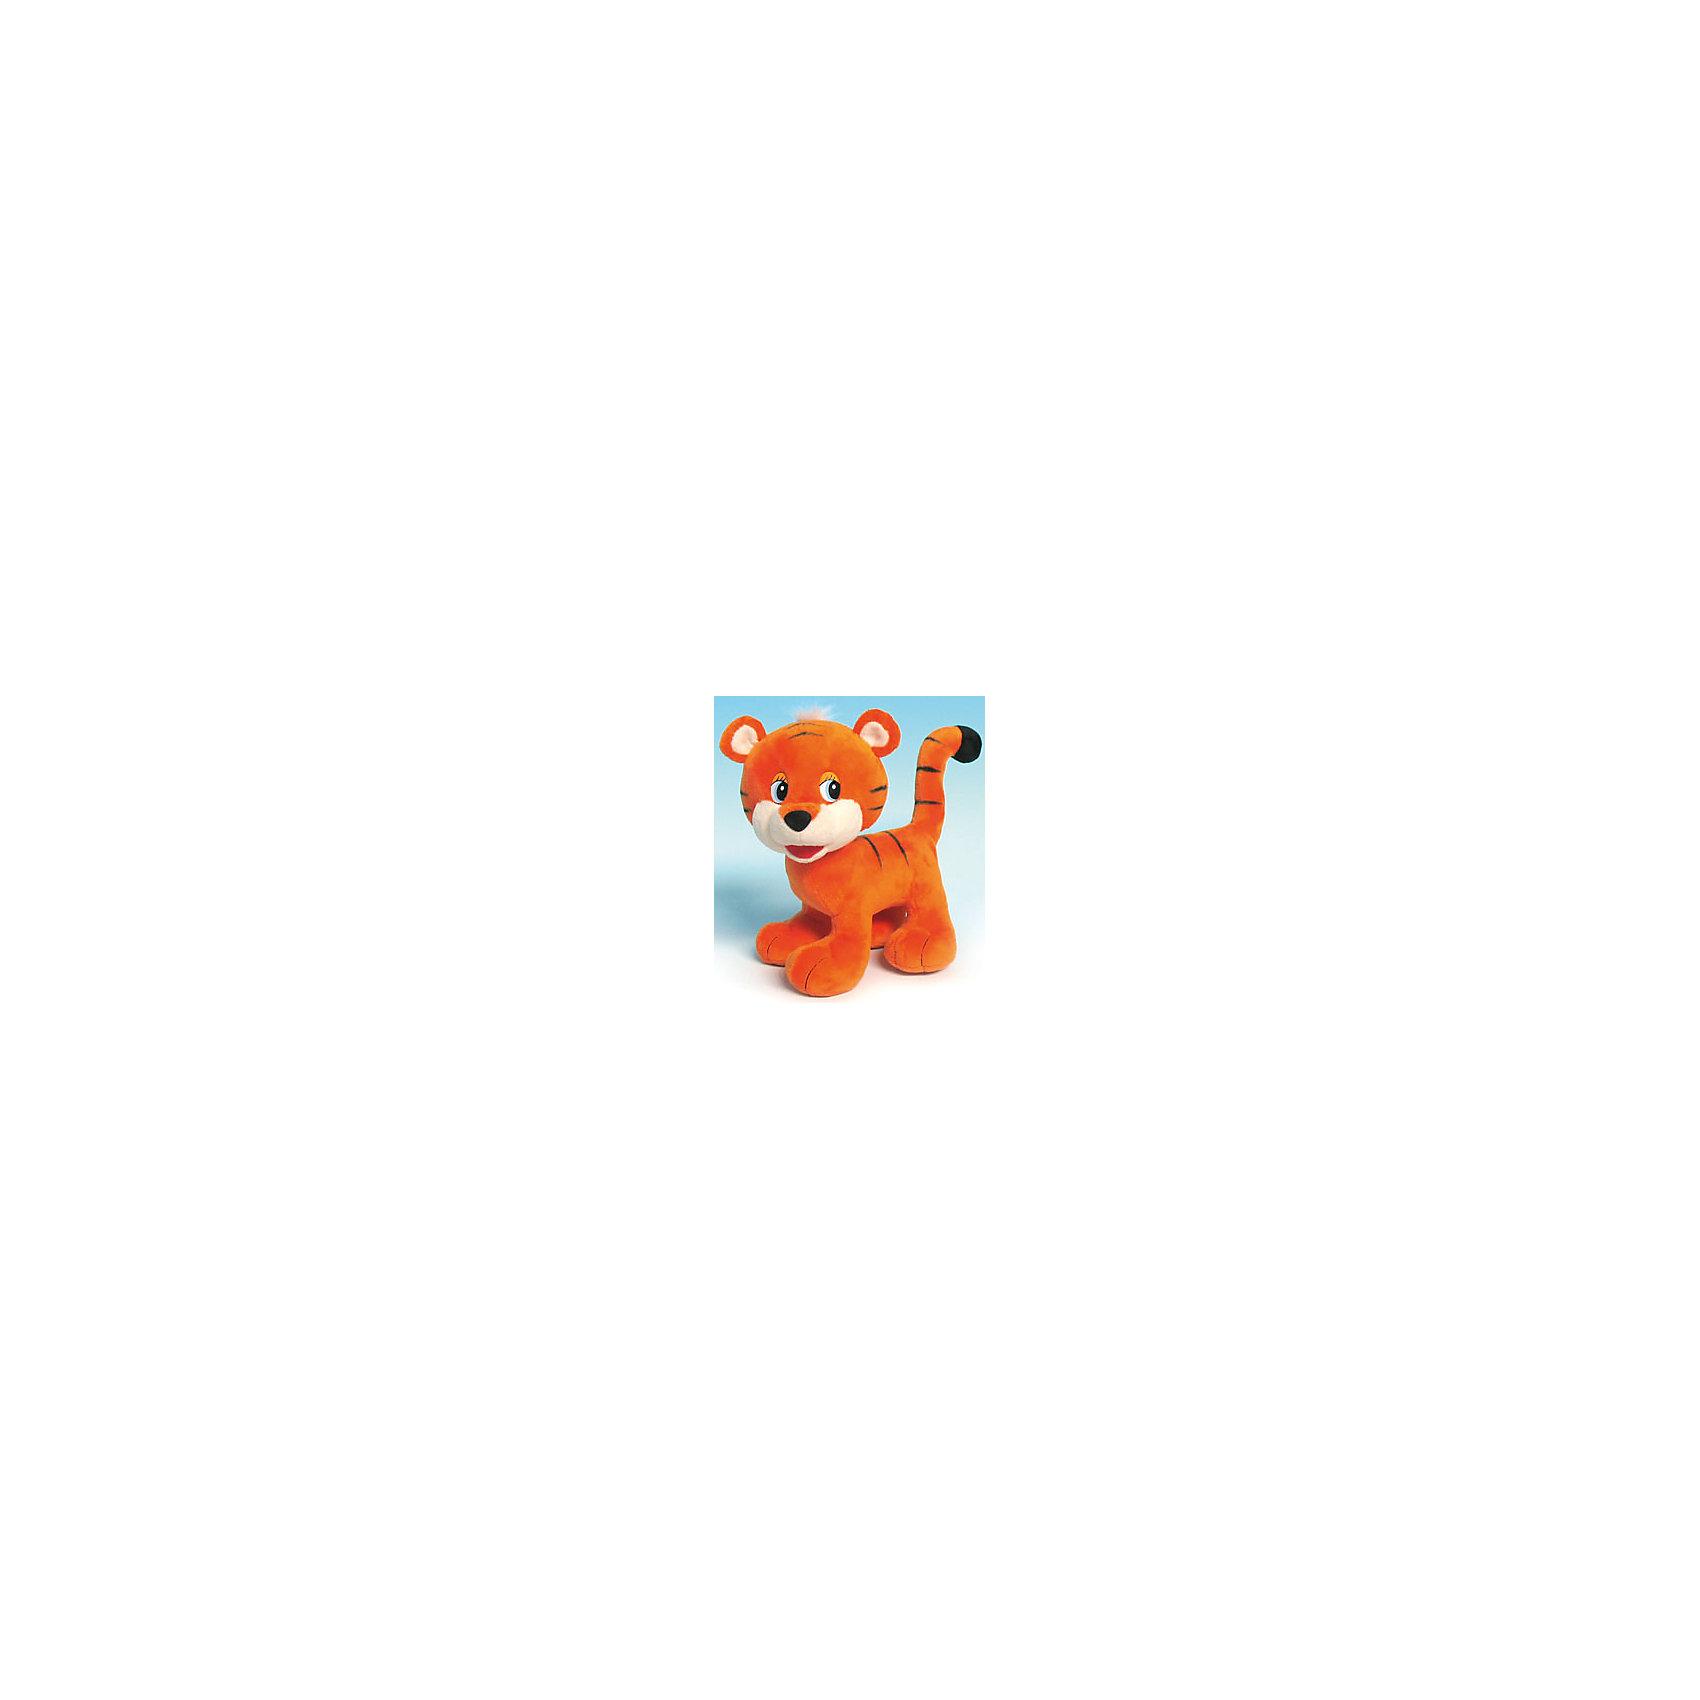 Тигренок-игрун, музыкальный, 19 см., LAVAЭтот тигренок очарует кого угодно. У него милые ушки и добрые глаза, а еще он умеет петь веселую песенку! Игрушка выполнена из высококачественного гипоаллергенного материала, очень приятна на ощупь, абсолютно безопасна для детей.  <br><br>Дополнительная информация:<br><br>- Материал: текстиль, синтепон, пластик.<br>- Высота: 19 см. <br>- Поет песенку. <br>- Элемент питания: батарейка (в комплекте).<br><br>Тигренка-игруна, музыкального, 19 см., LAVA (ЛАВА) можно купить в нашем магазине.<br><br>Ширина мм: 150<br>Глубина мм: 150<br>Высота мм: 190<br>Вес г: 182<br>Возраст от месяцев: 36<br>Возраст до месяцев: 1188<br>Пол: Унисекс<br>Возраст: Детский<br>SKU: 4444161